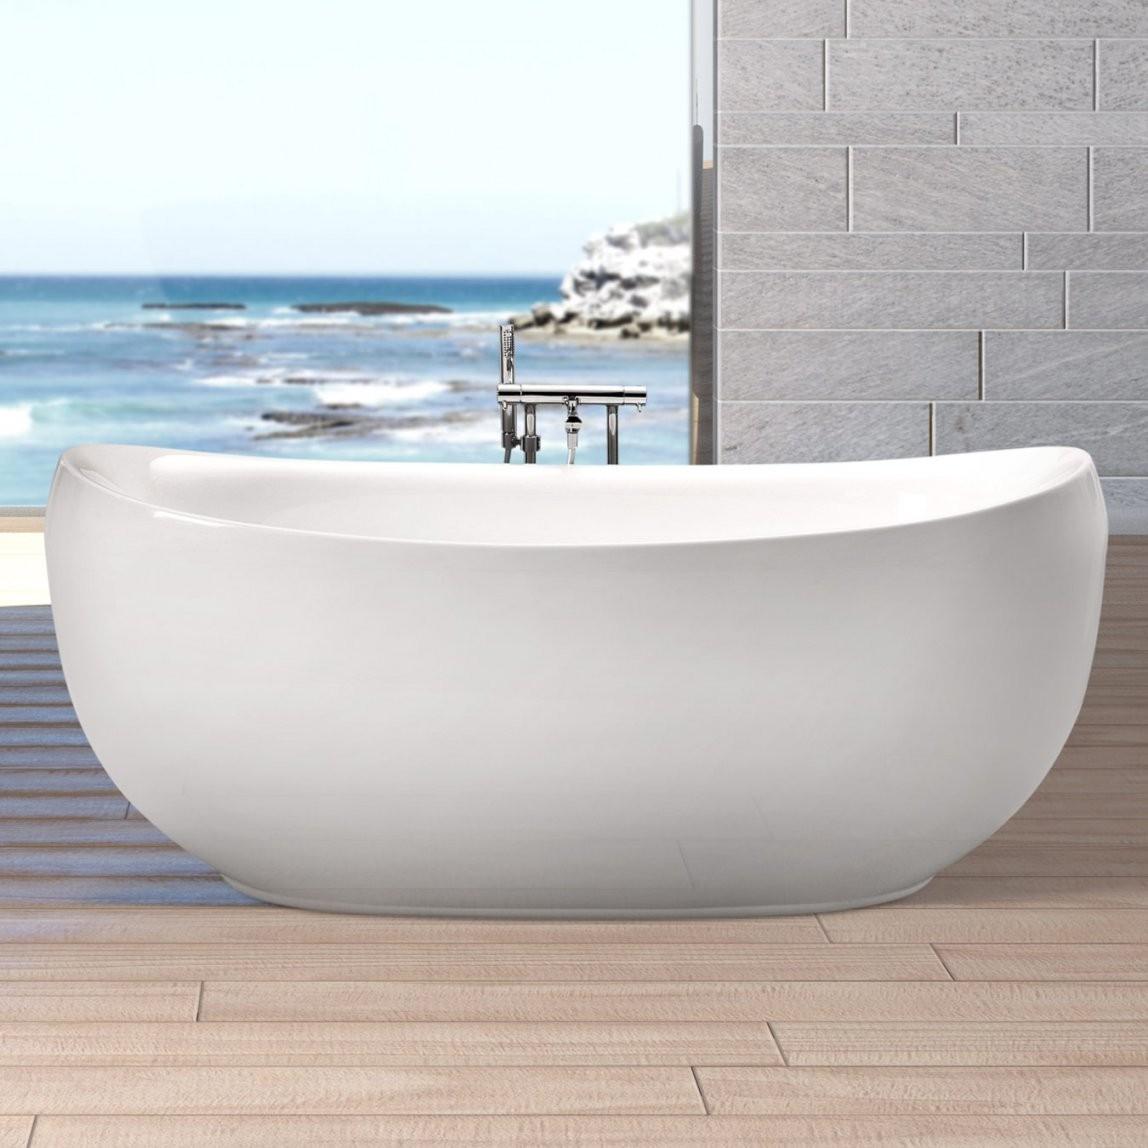 Duschmeister Freistehende Badewanne Lissabon 863801Bw  Duschmeister von Badewanne Freistehend Preis Bild